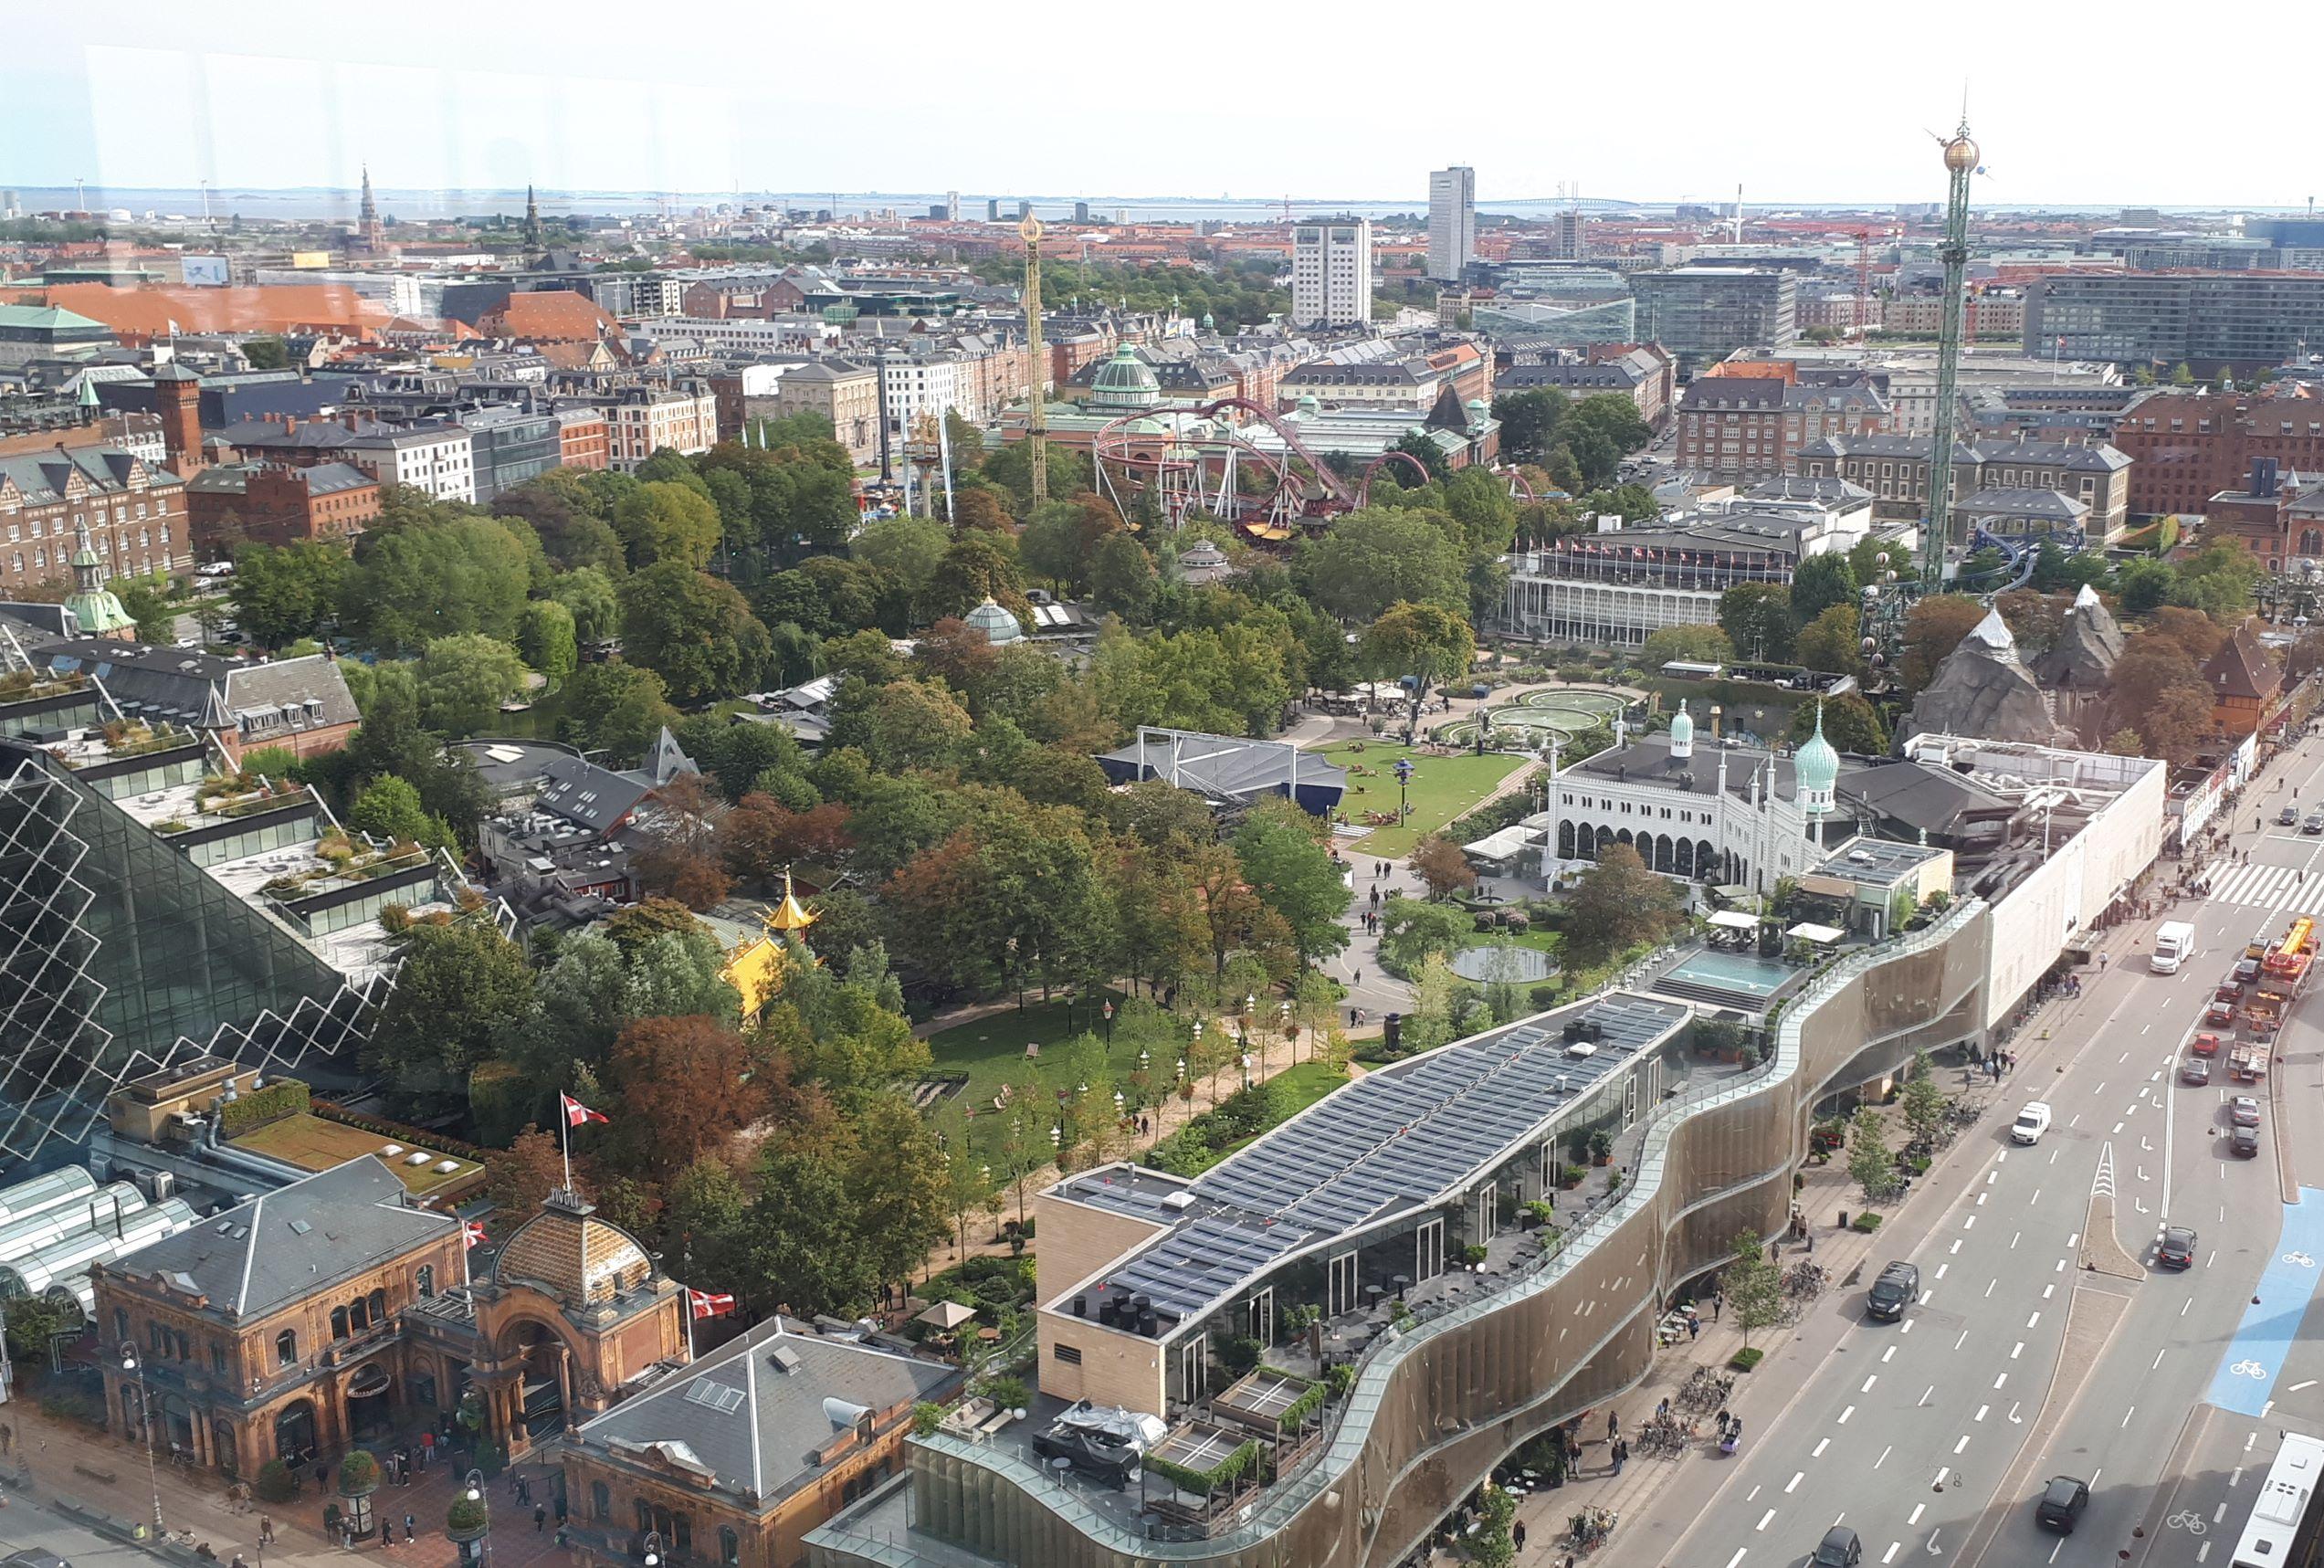 København set lidt fra oven – her udsigten over blandt andet Tivoli fra Royal-hotellet. Foto: Henrik Baumgarten.